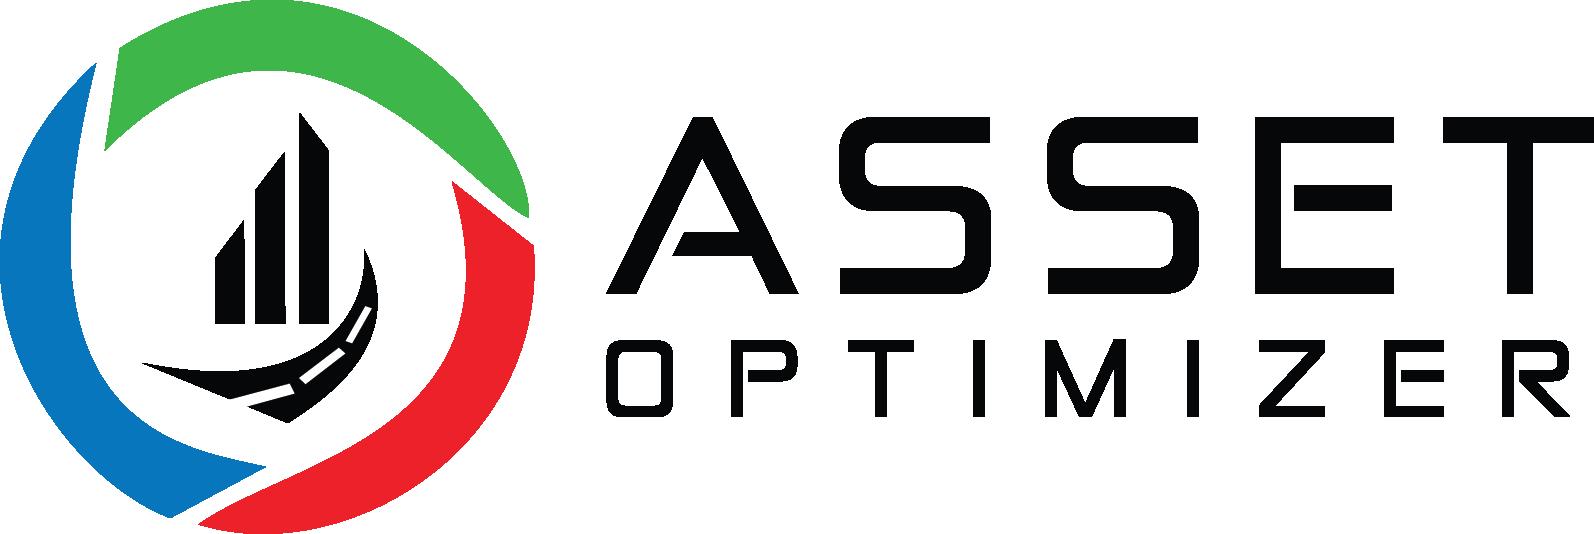 Asset Optimizer